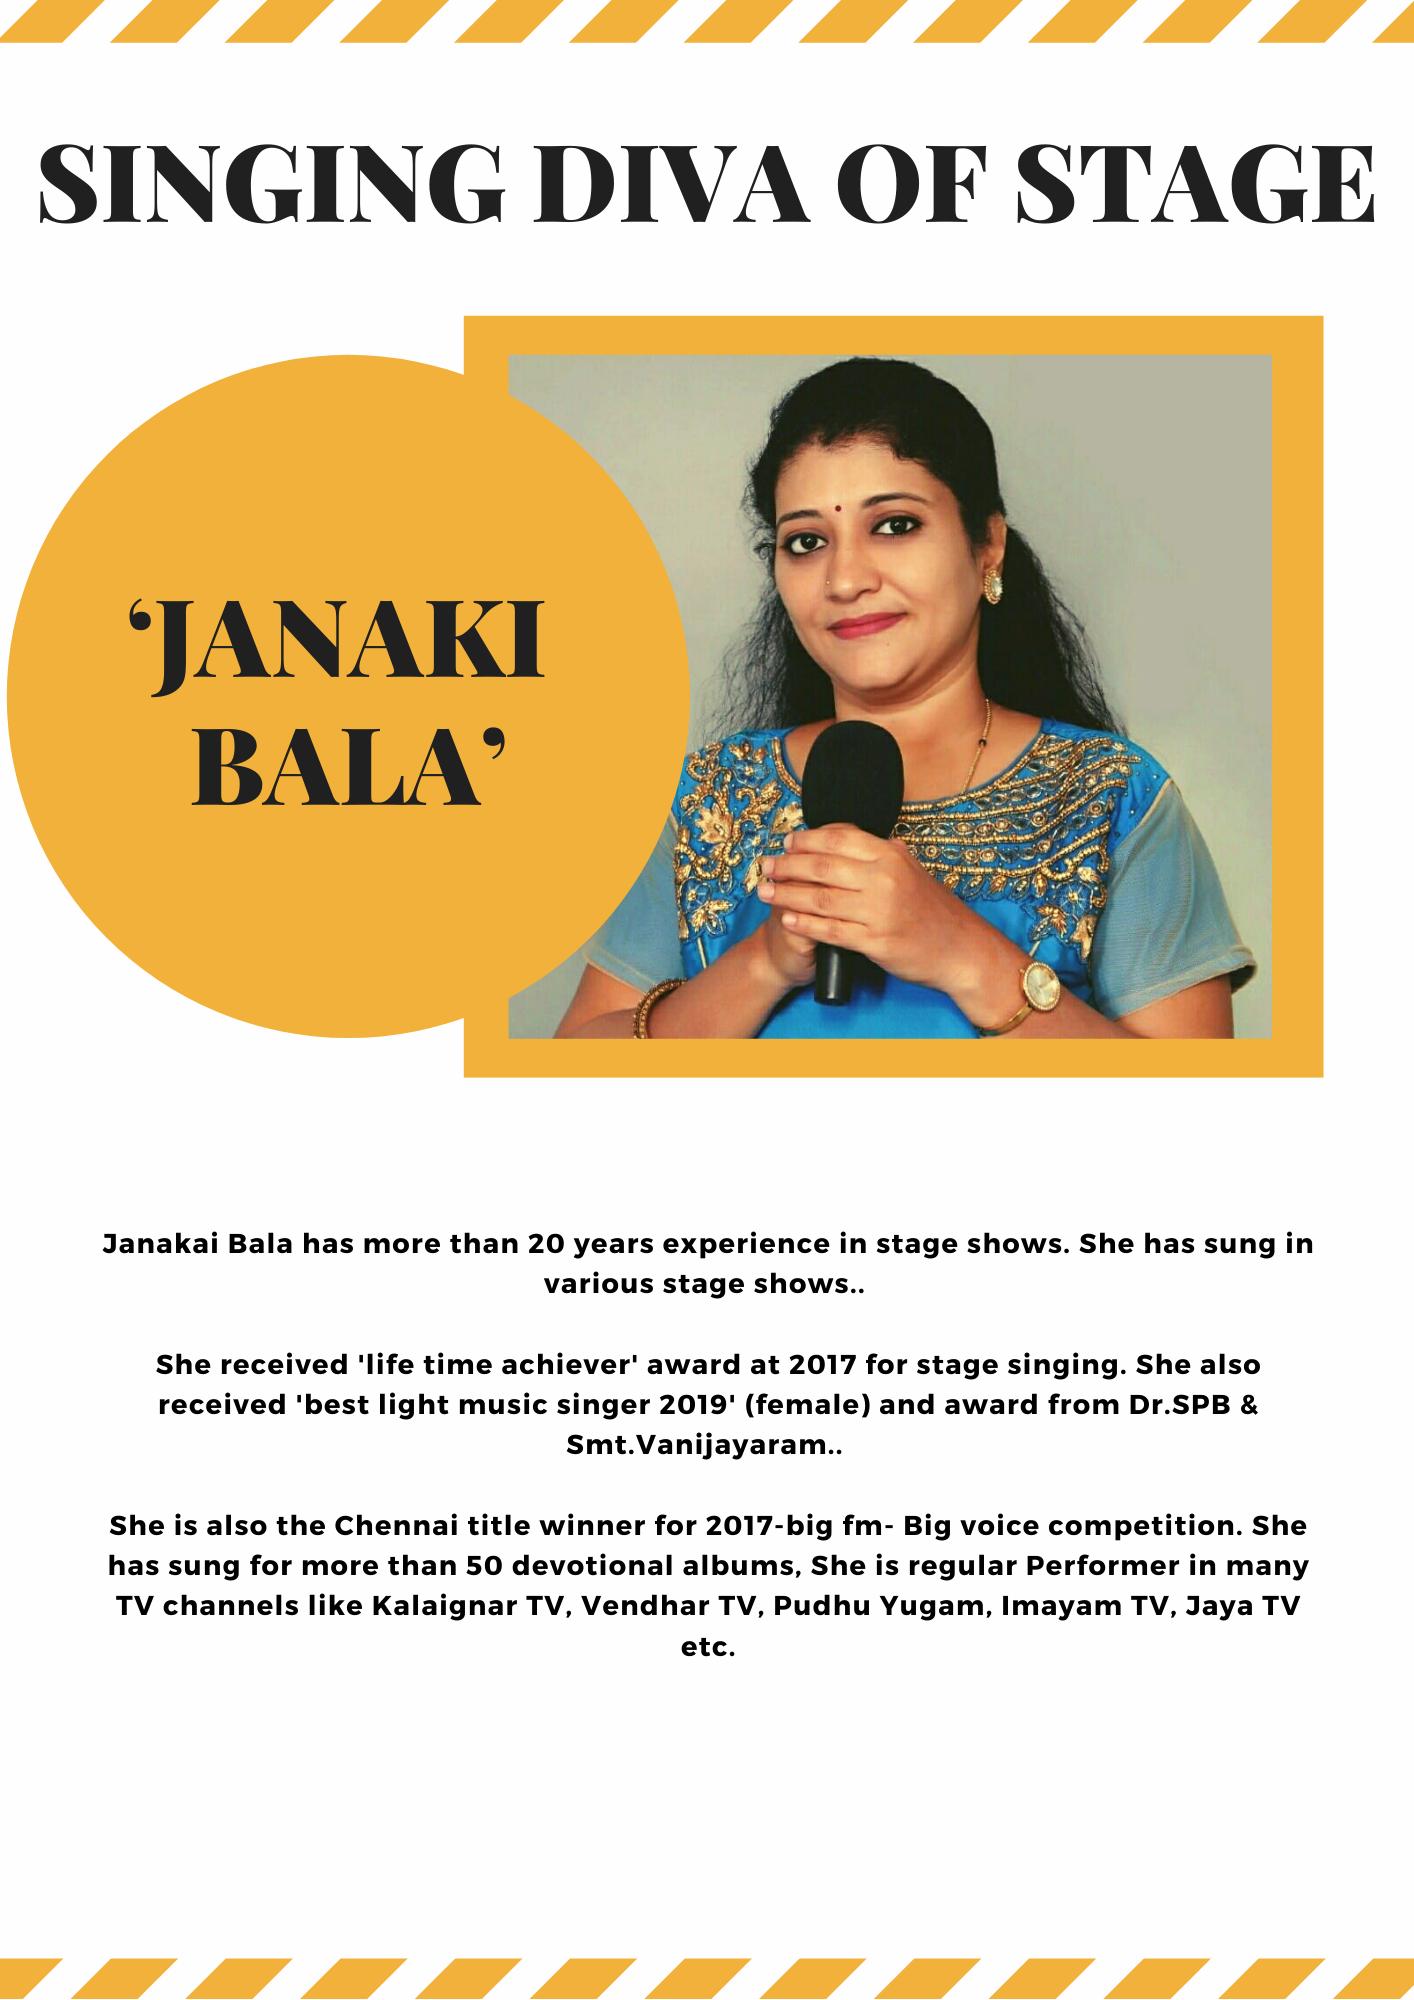 Janaki Bala